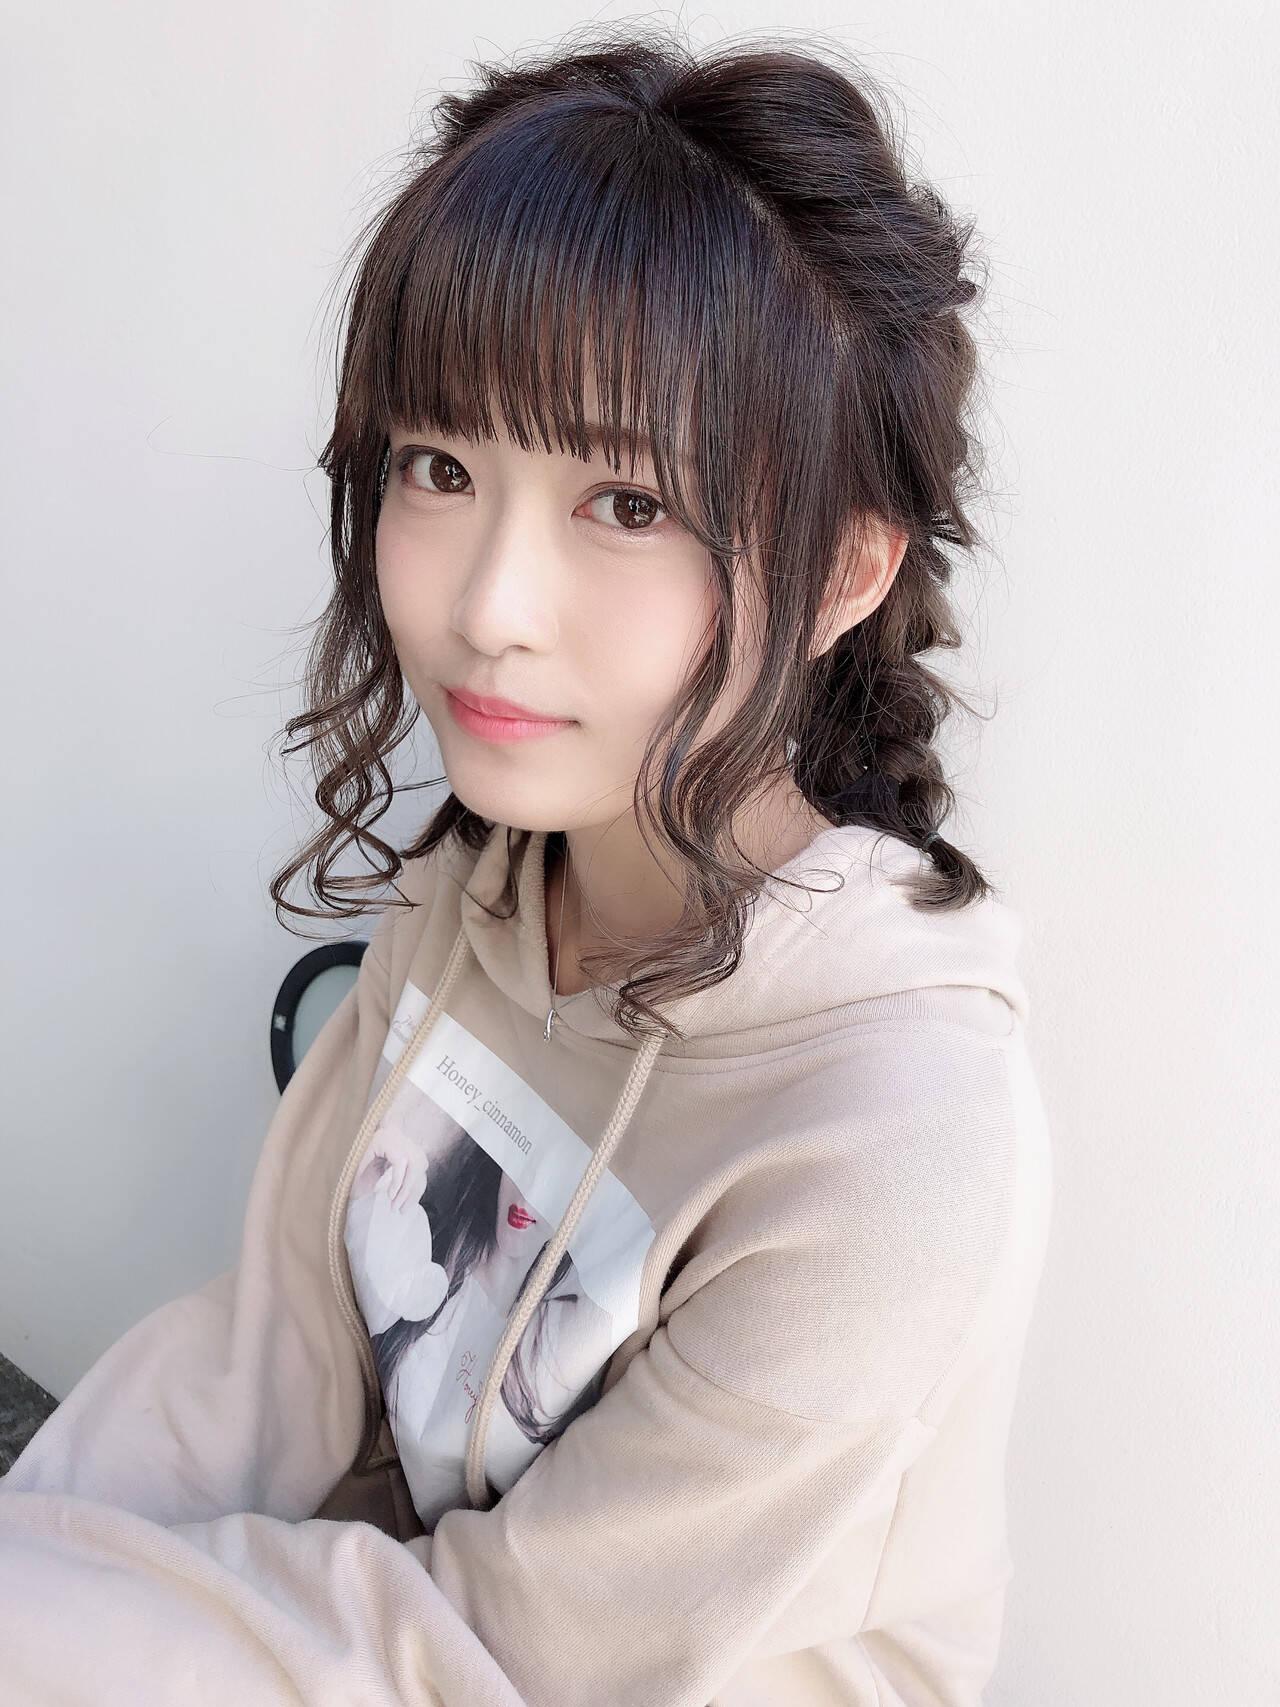 ミディアム 簡単ヘアアレンジ 成人式 アンニュイほつれヘアヘアスタイルや髪型の写真・画像